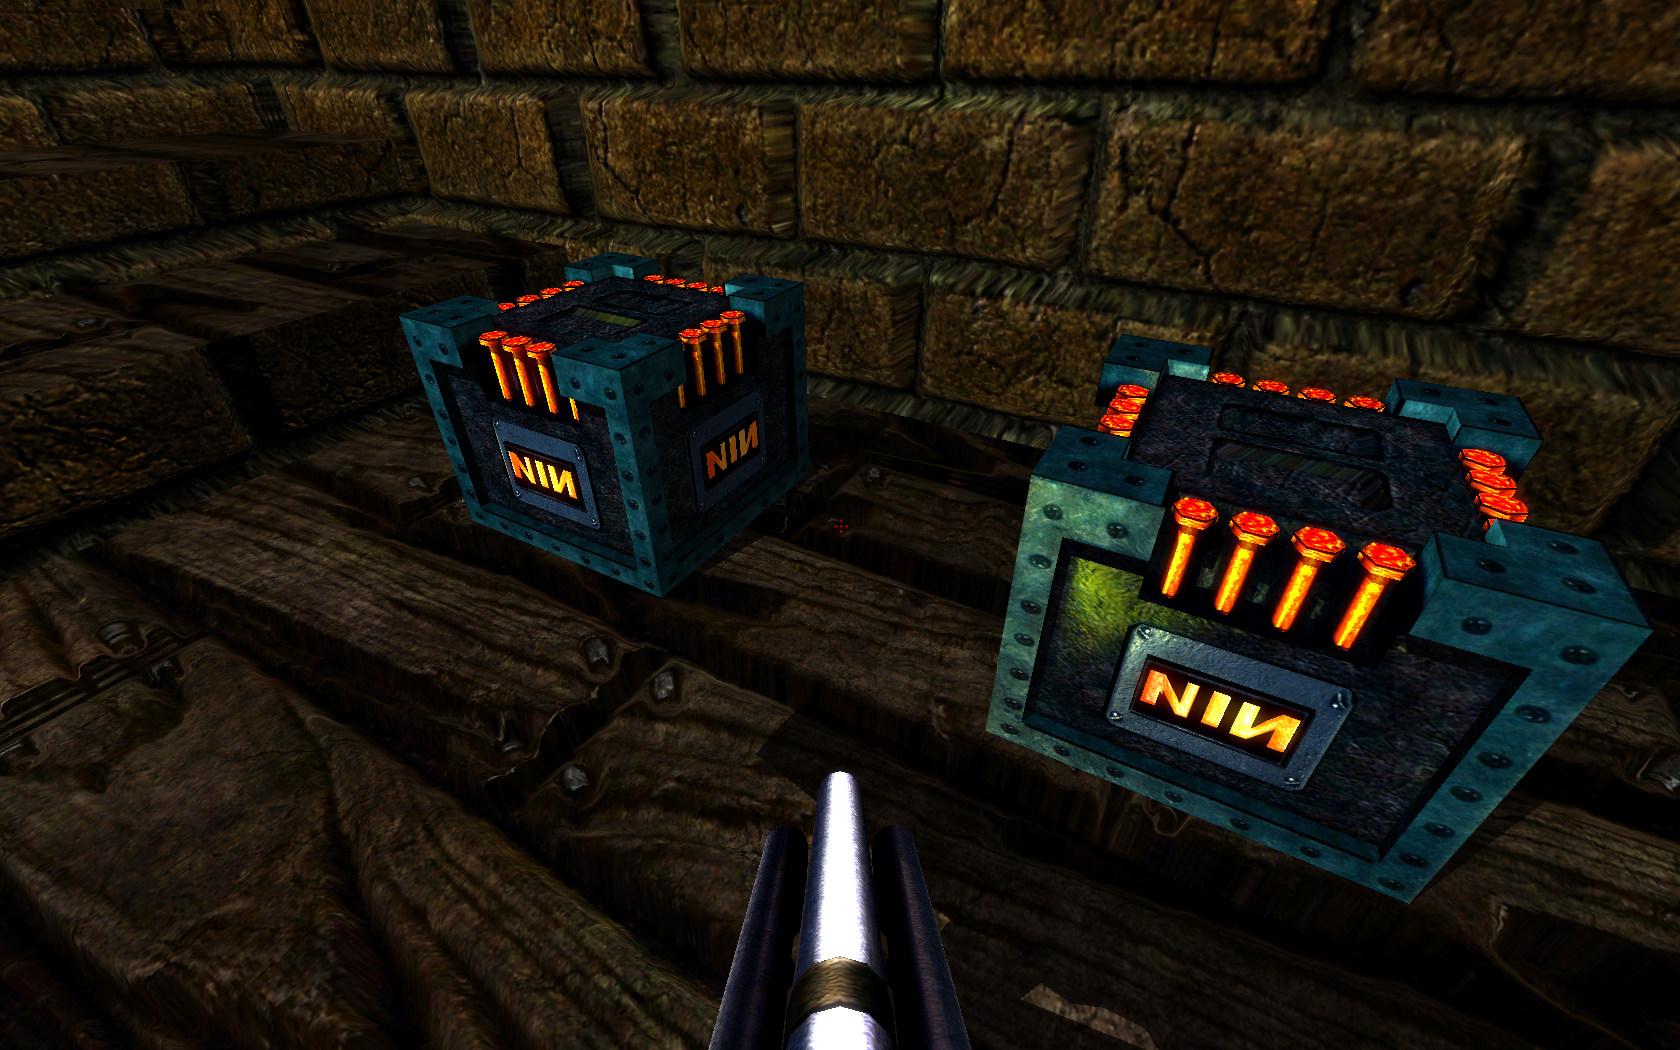 Here's the Quake Nailgun ammo box.